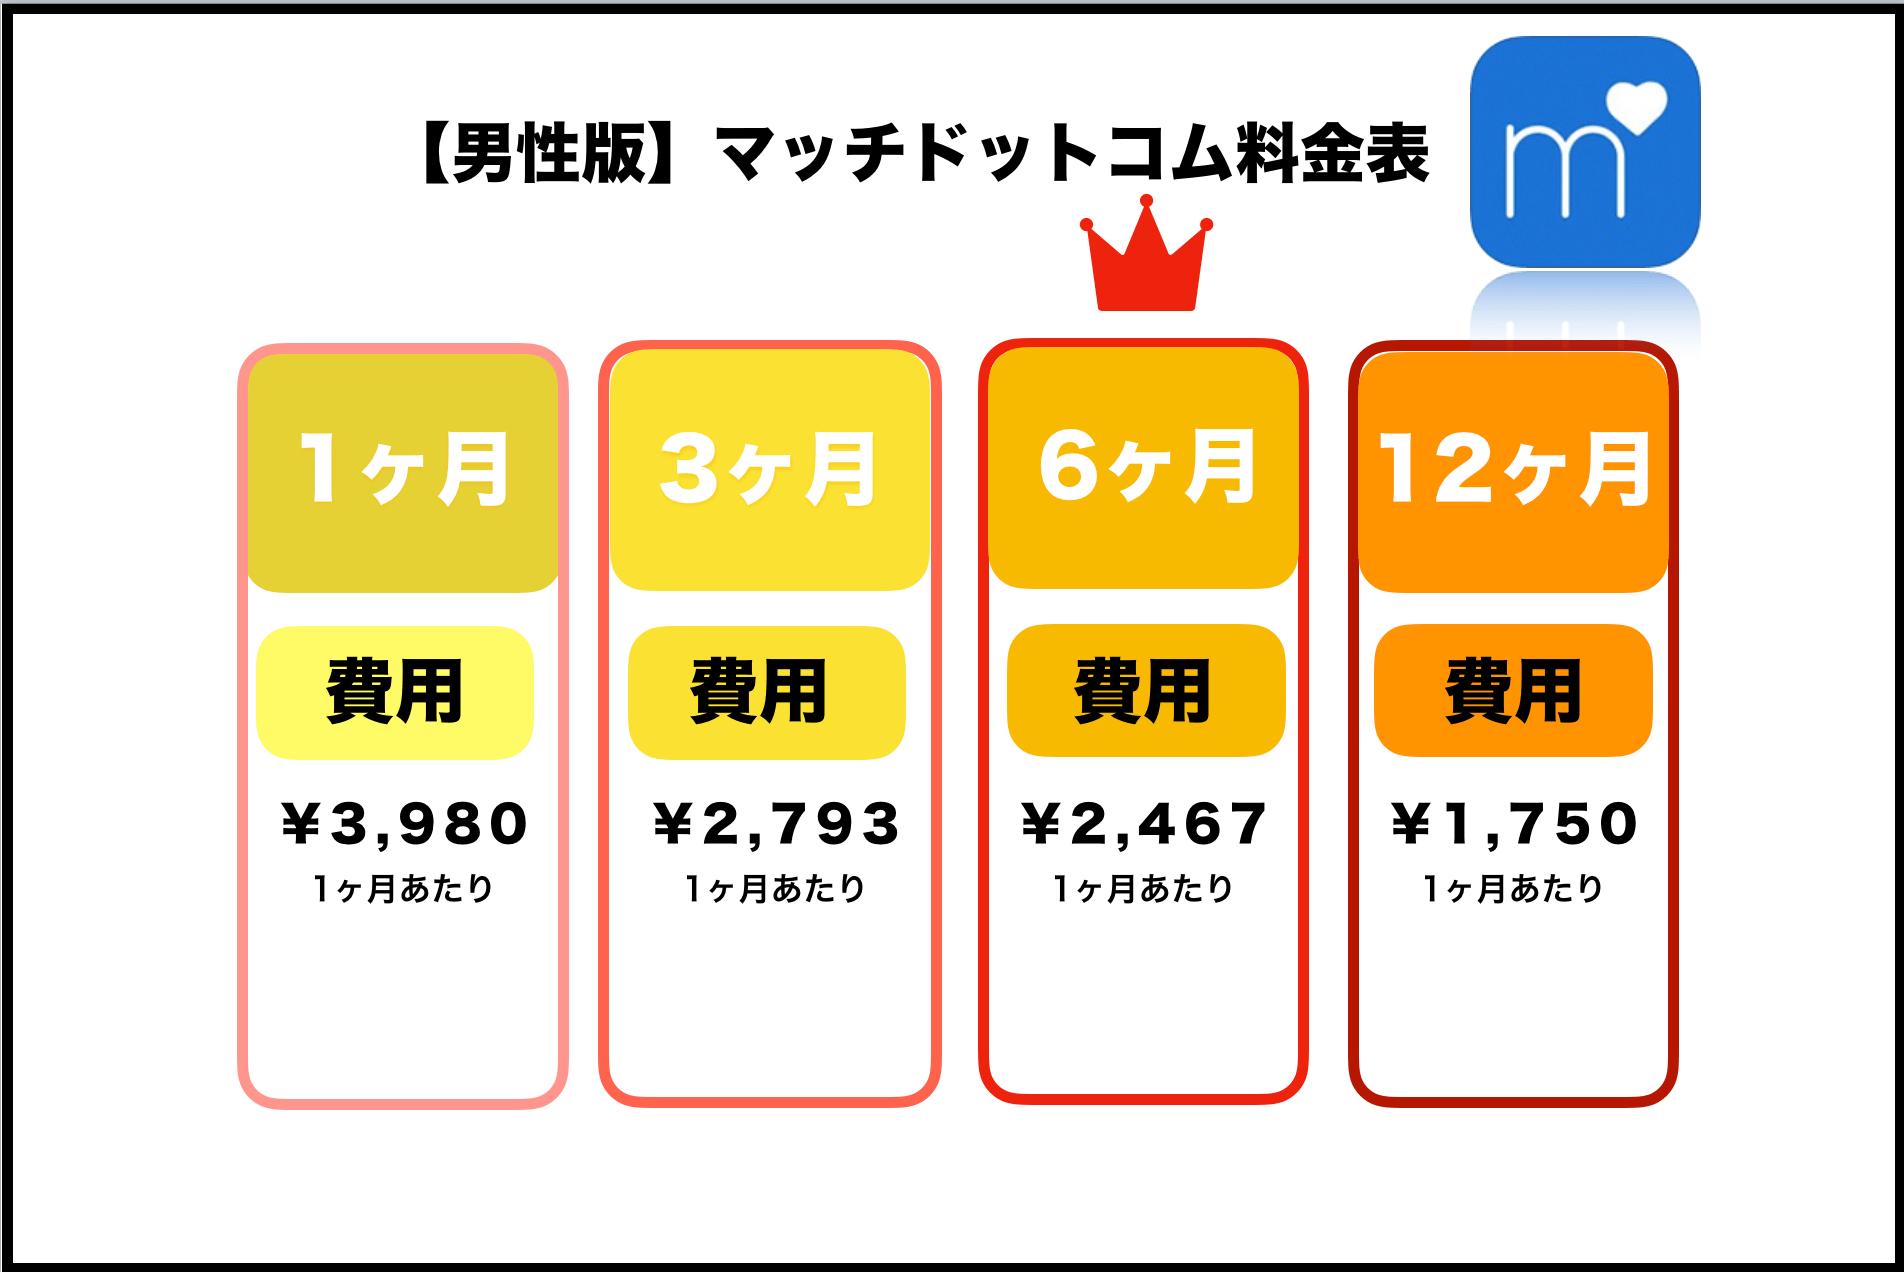 マッチドットコム 料金表